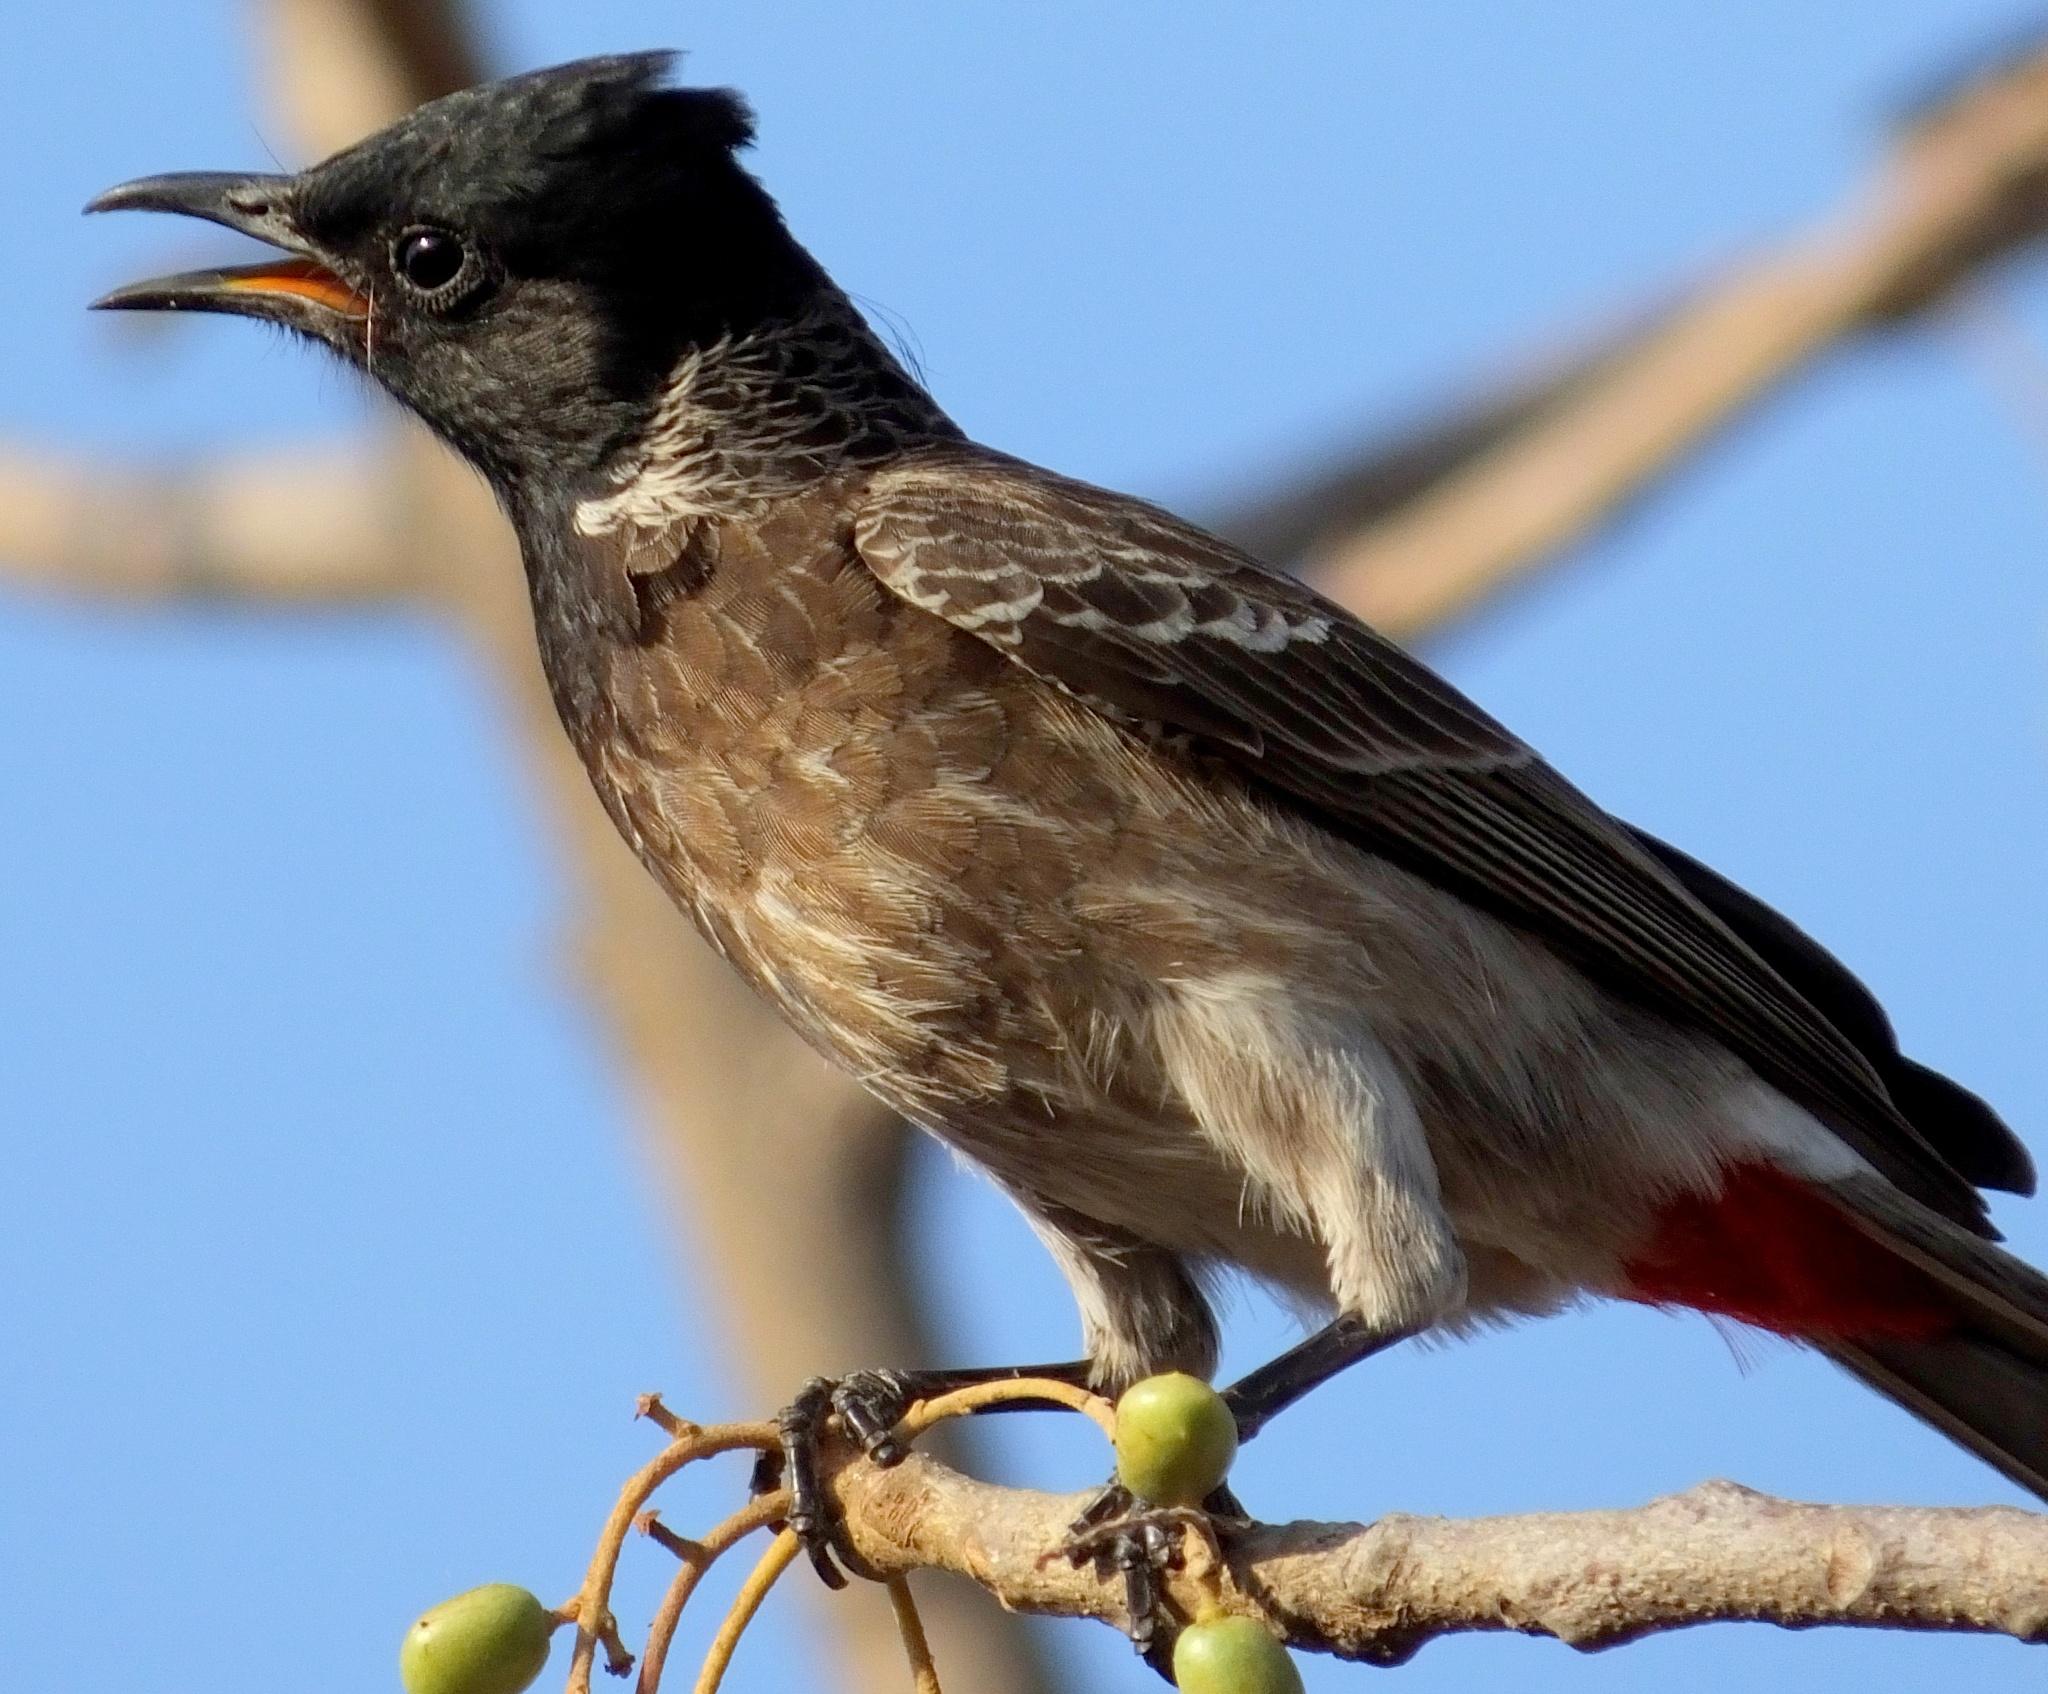 #Bird by Mansur Khan